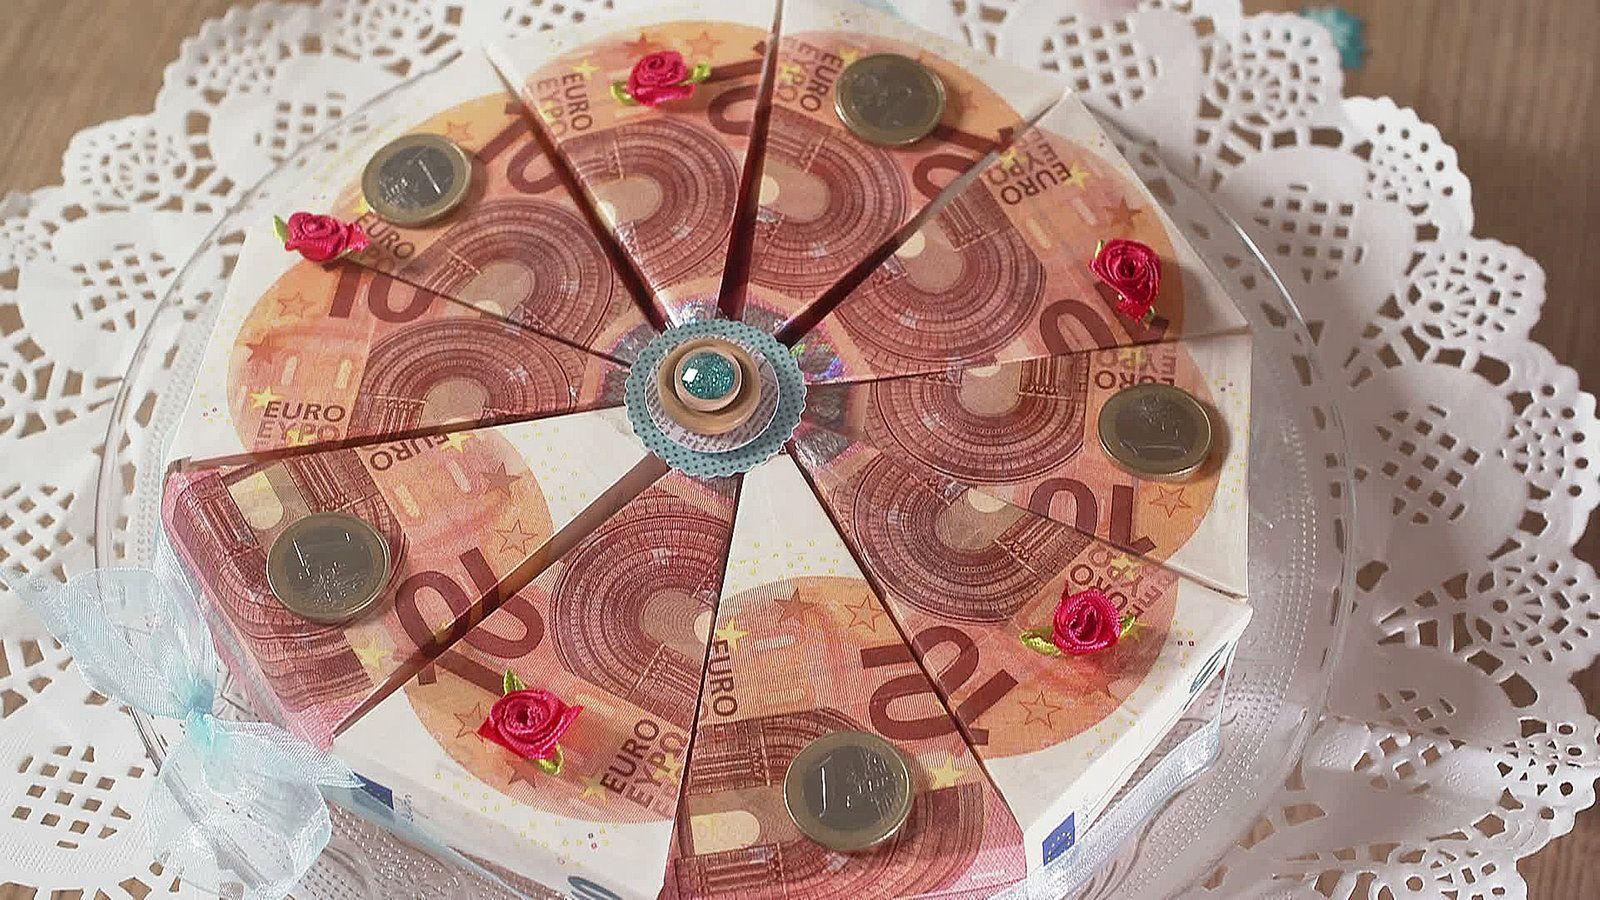 Diese Torte ist ein besonderer Eyecatcher und damit ein tolle Geschenk-Idee. #geschenkideen